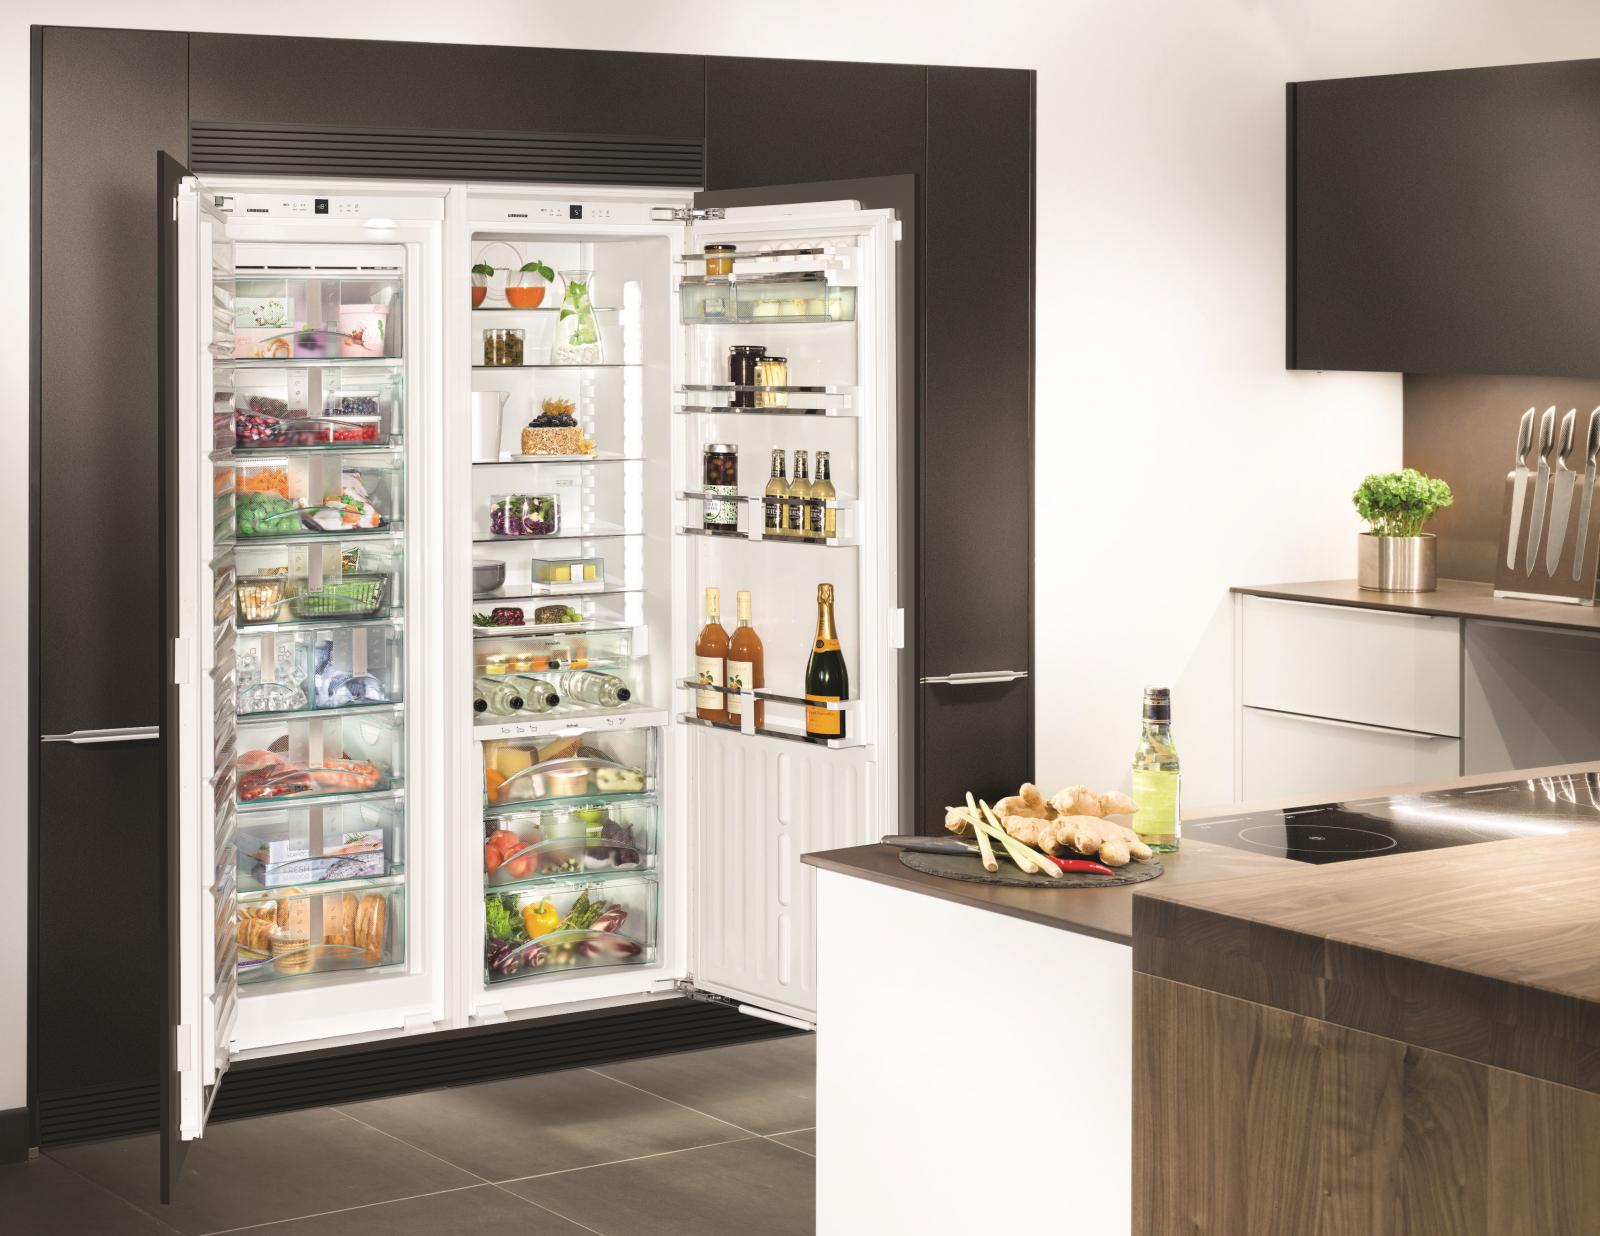 купить Встраиваемый холодильник  Side-by-side Liebherr SBS 70I4 003 Украина фото 3